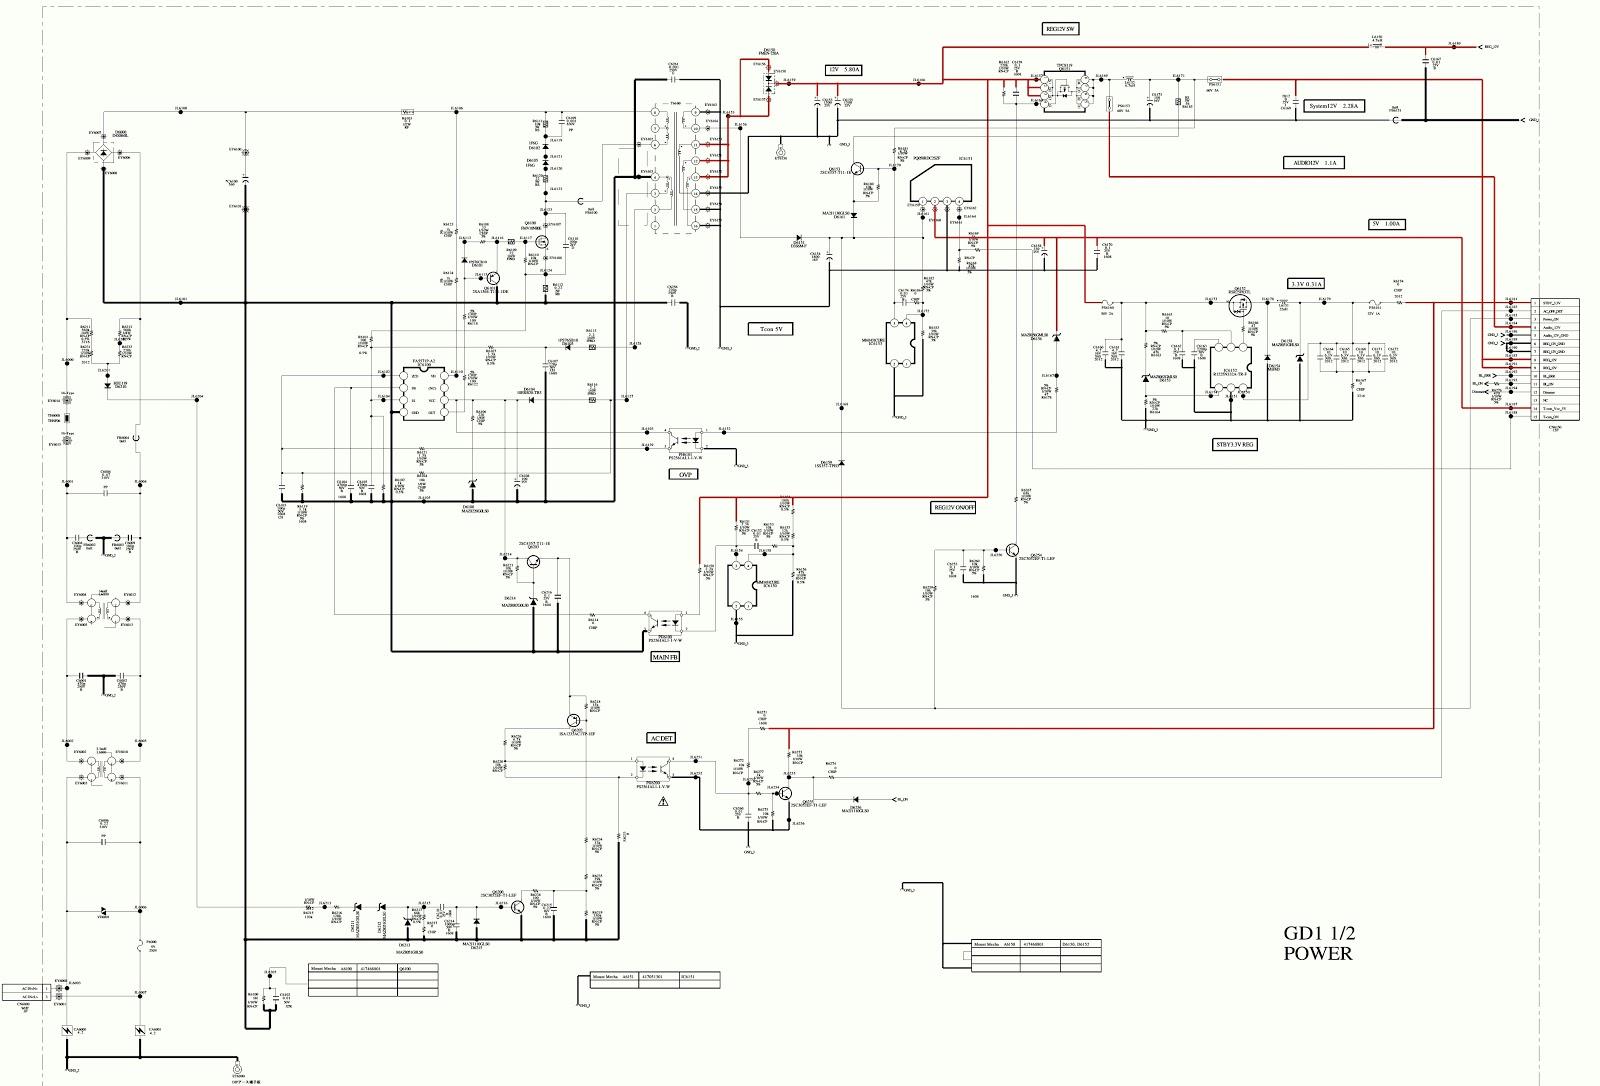 Pleasant Toshiba Tv Wiring Diagrams Wiring Diagram Wiring Cloud Xeiraioscosaoduqqnet